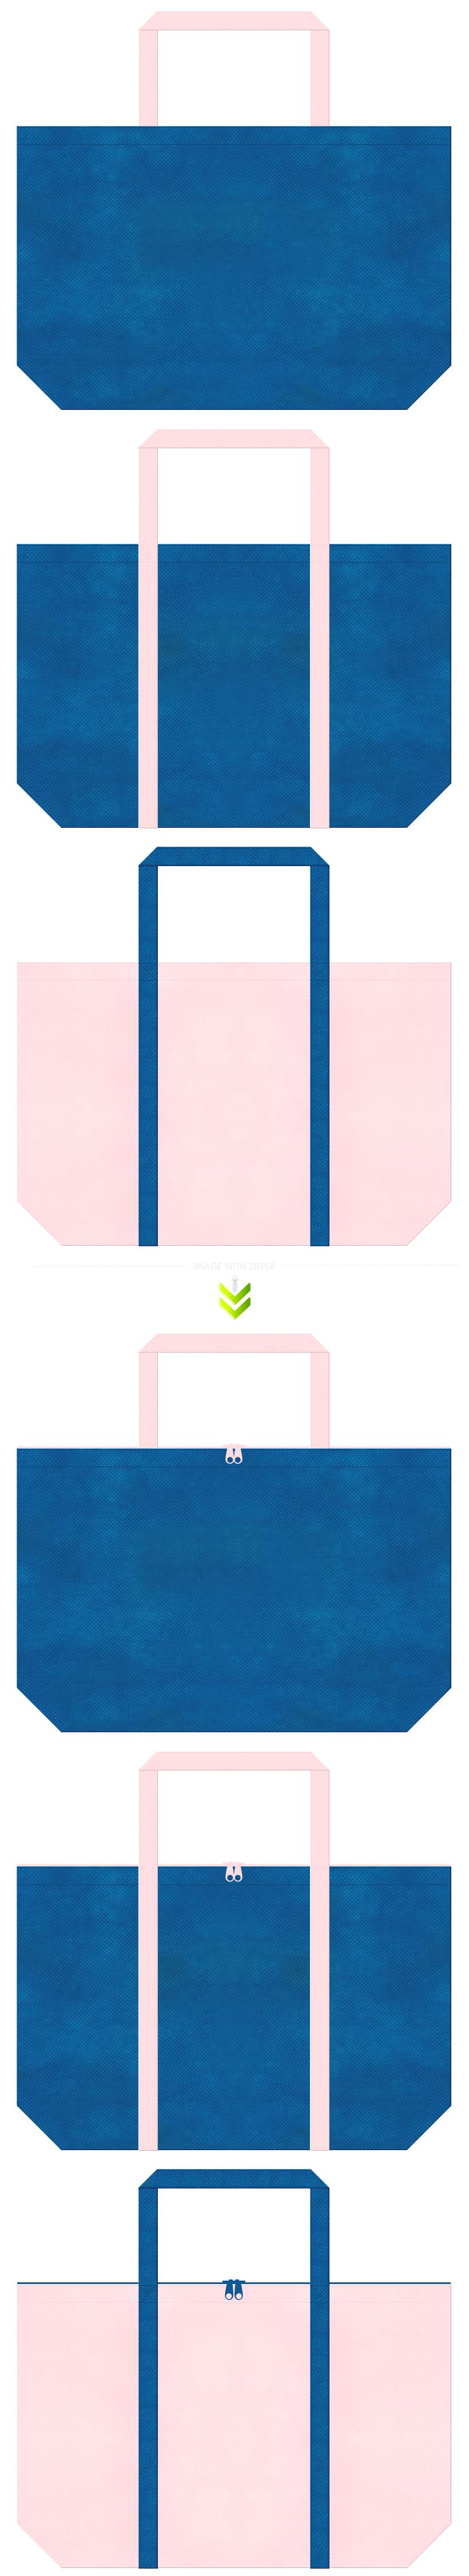 青色と桜色の不織布エコバッグのデザイン。